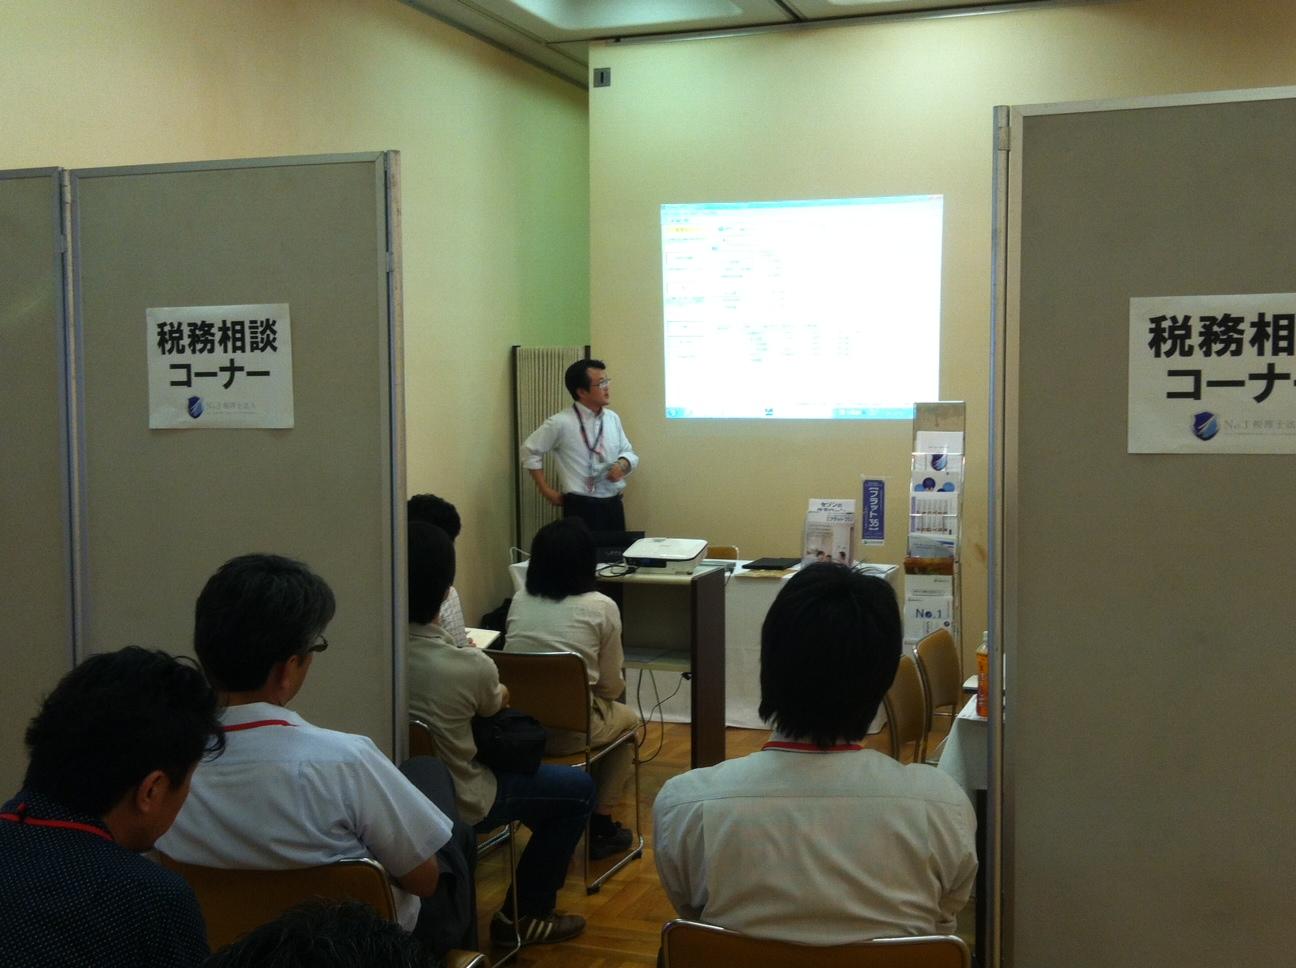 第1回武蔵暮家-MUSAKUI-暮らしの無料相談会終了_b0227217_2042425.jpg